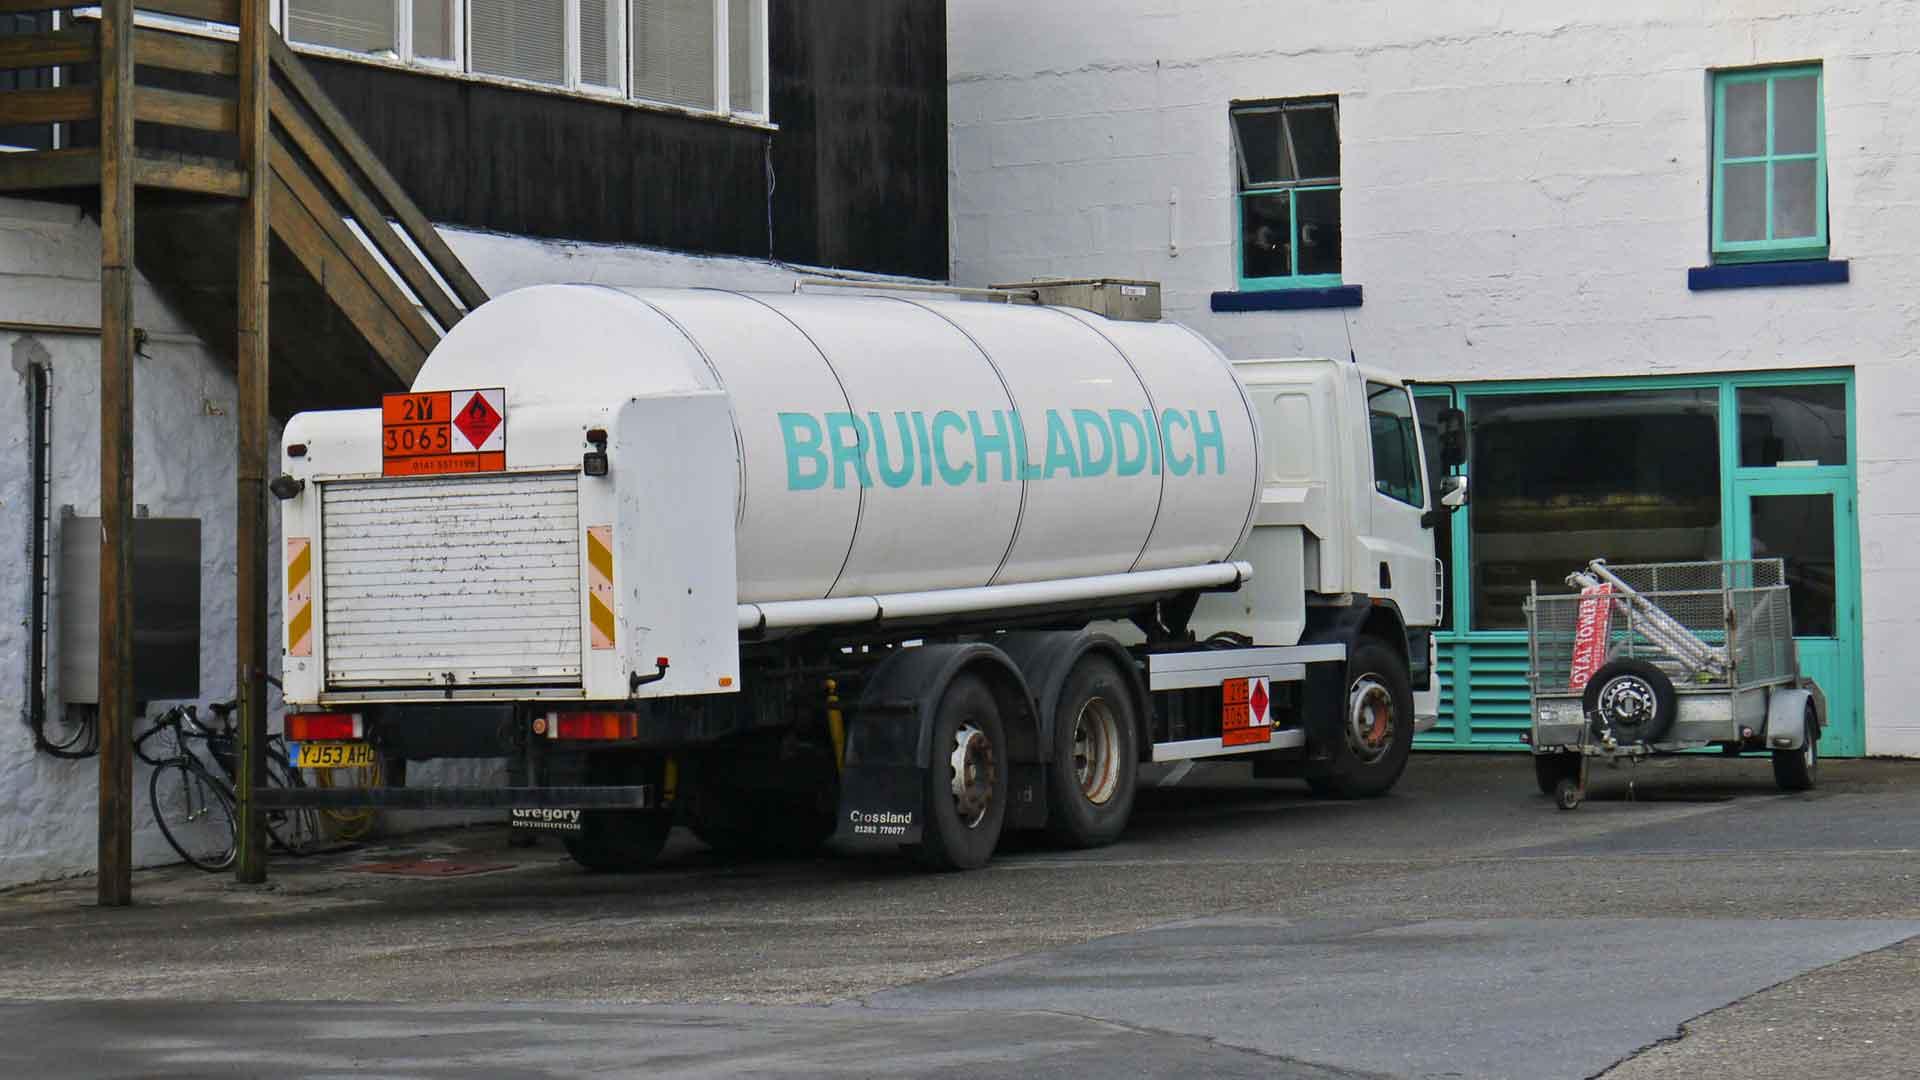 Die Whiskys von Bruichladdich werden in Tanklastwagen wie diesem transportiert (Foto: Malt Whisky)